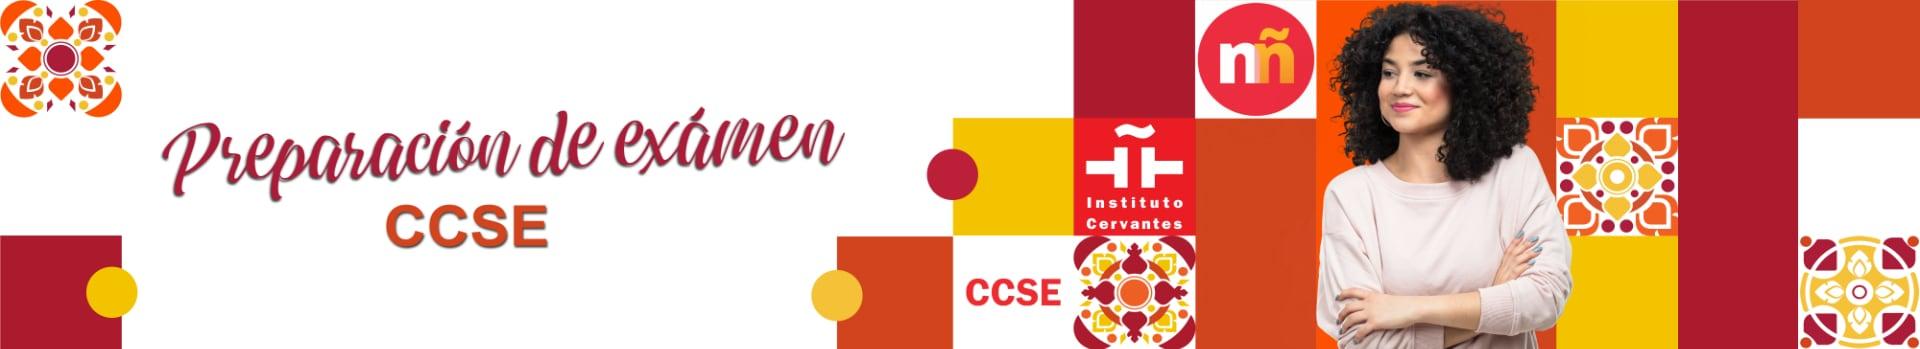 Preparación examen CCSE